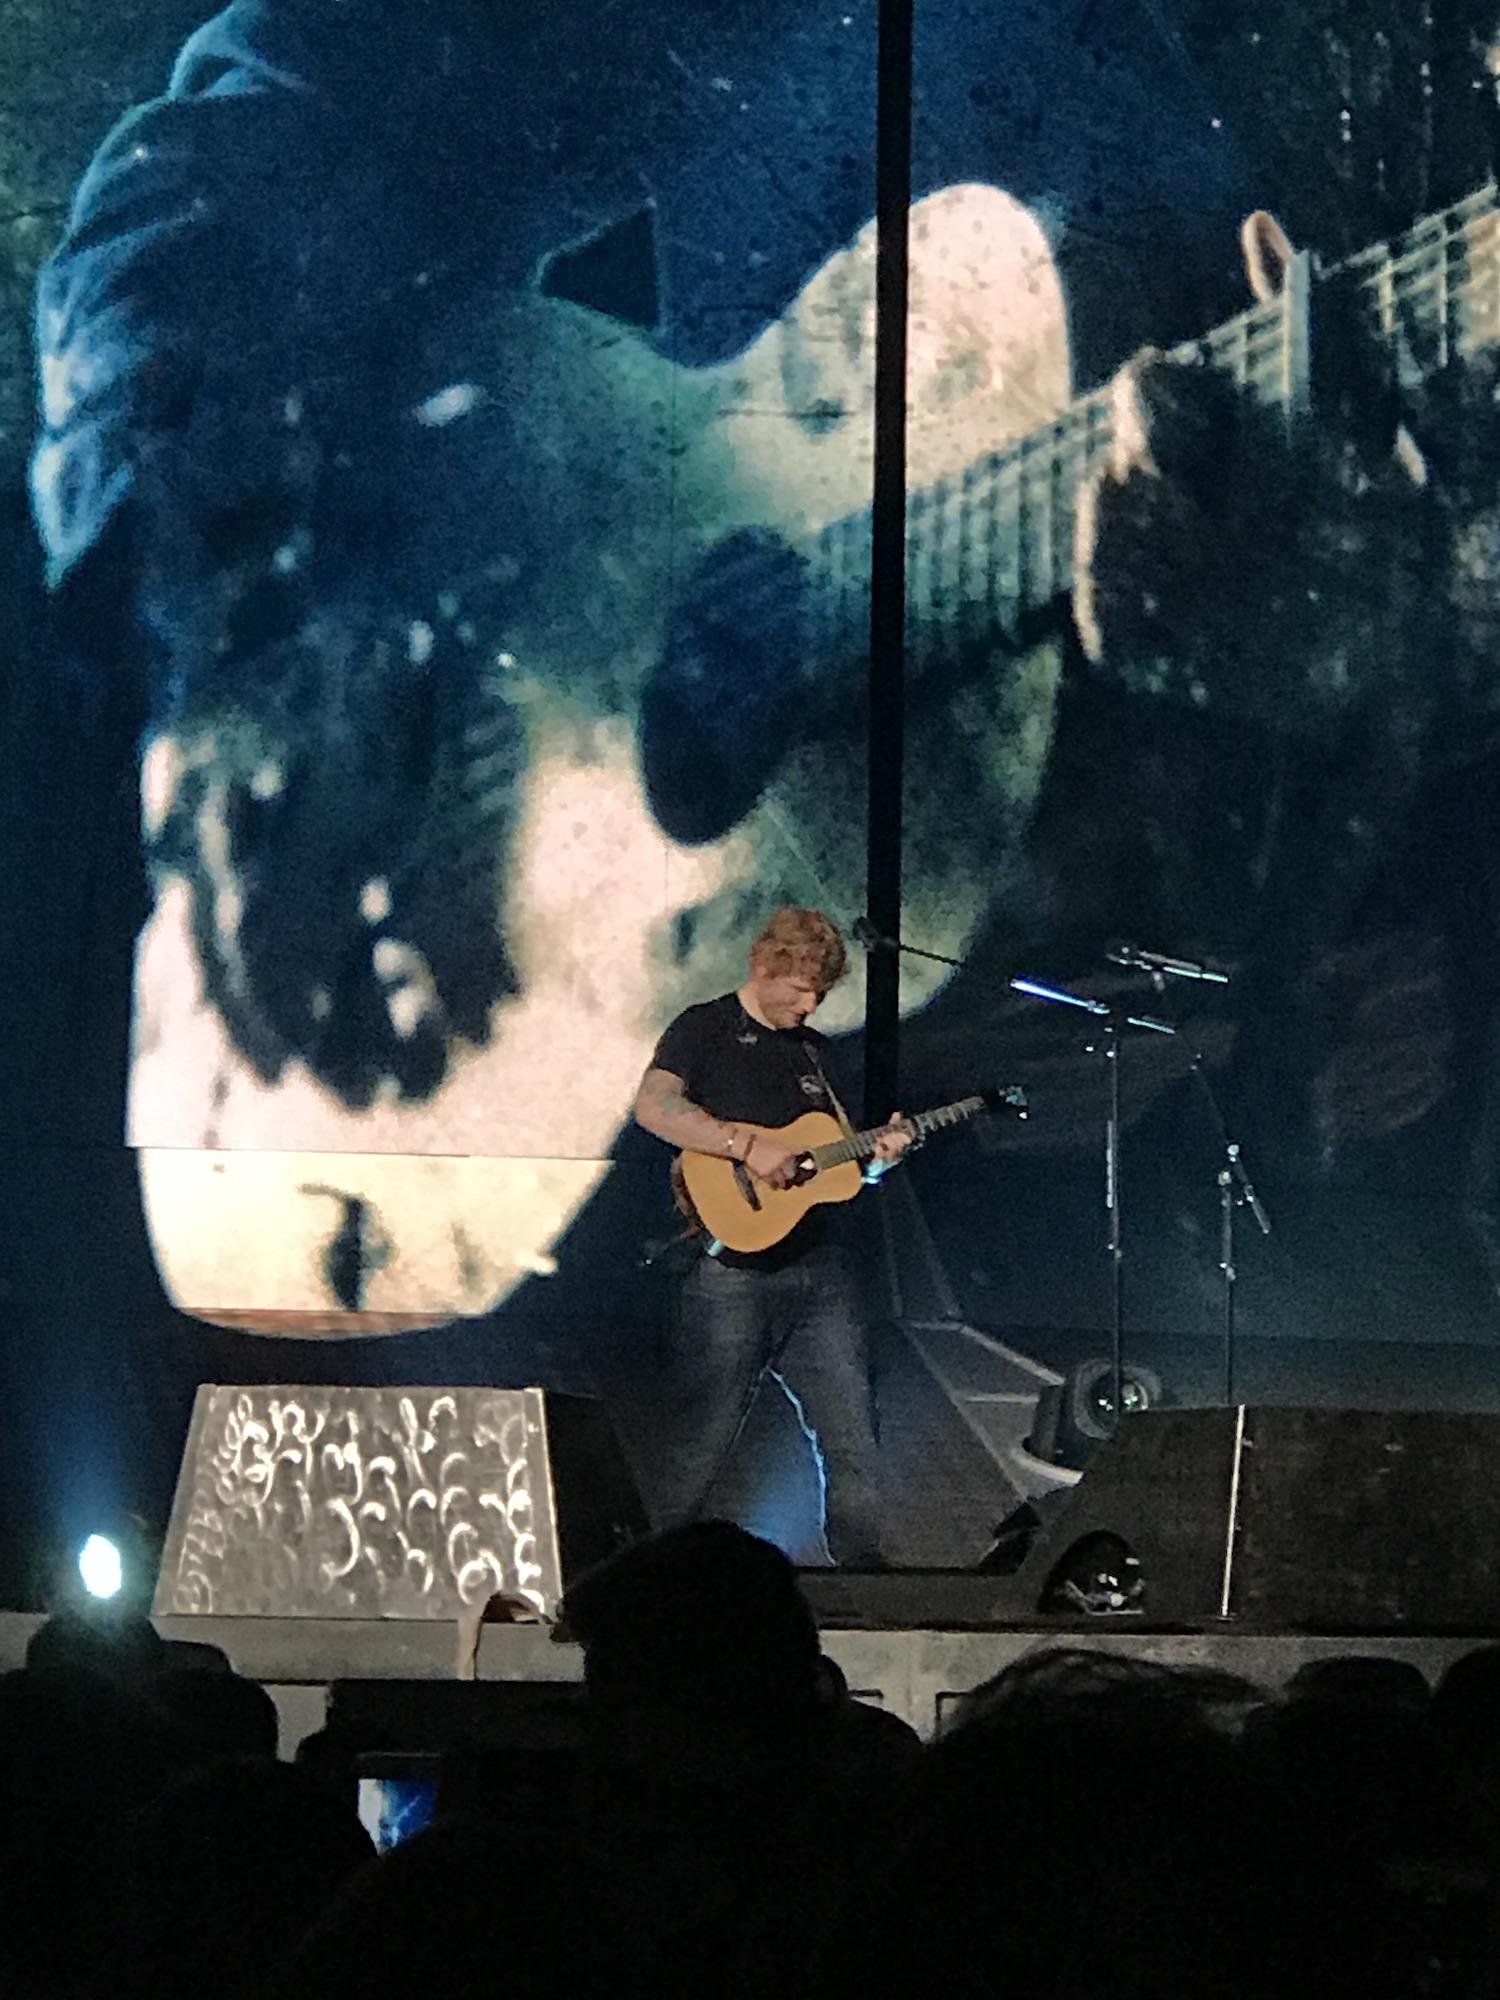 Ed Sheeran in concert in Toronto